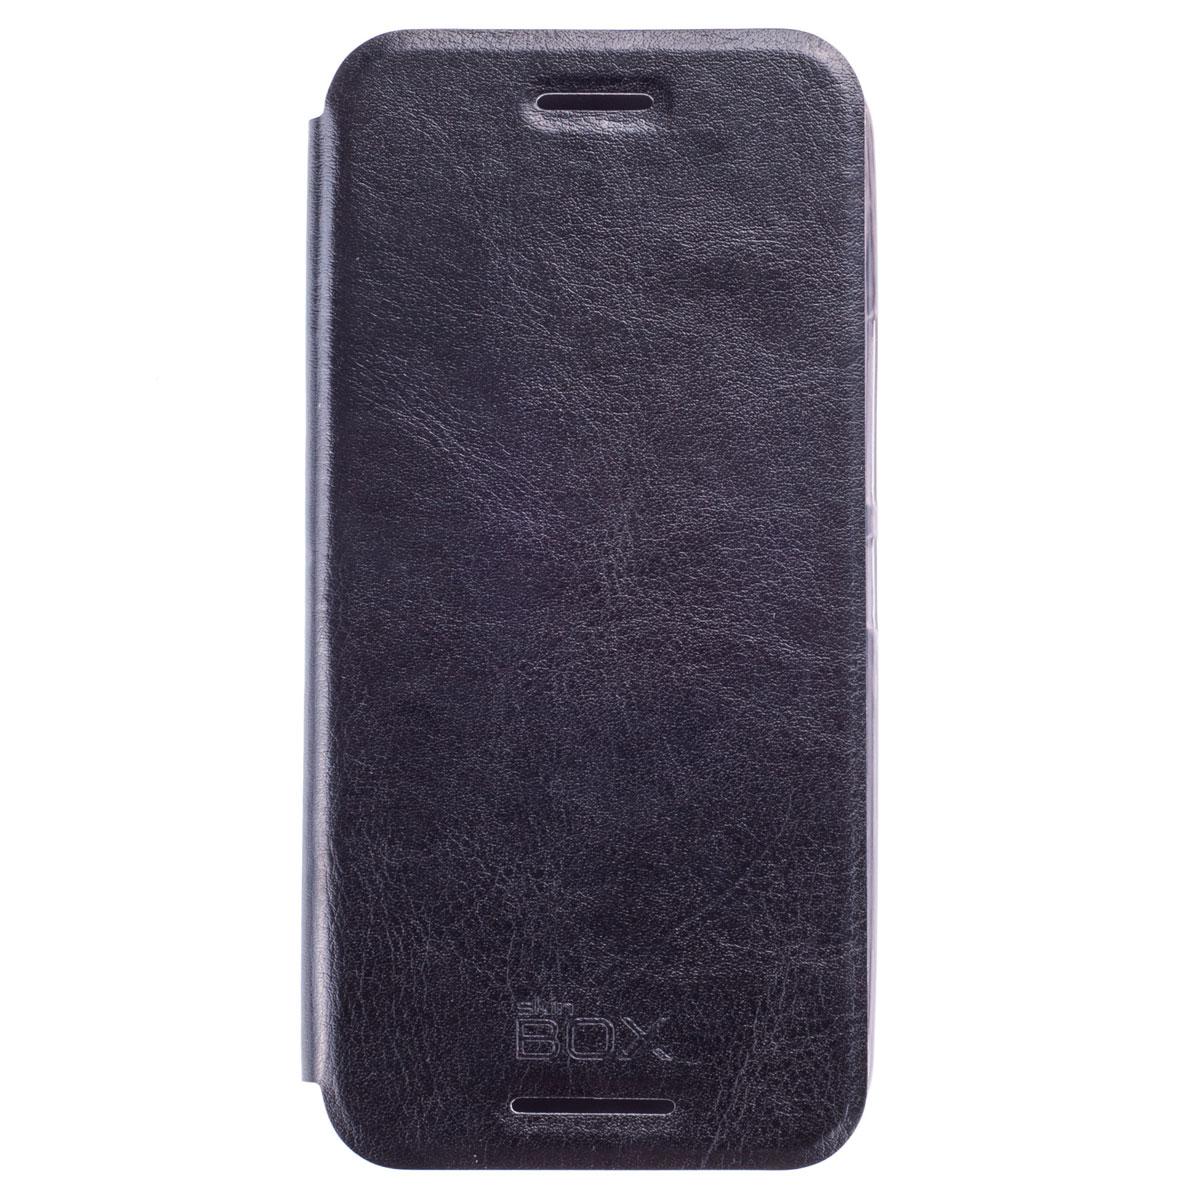 Skinbox Lux чехол для HTC One M9, BlackT-S-HOM9-003Чехол Skinbox Lux выполнен из высококачественного поликарбоната и экокожи. Он обеспечивает надежную защиту корпуса и экрана смартфона и надолго сохраняет его привлекательный внешний вид. Чехол также обеспечивает свободный доступ ко всем разъемам и клавишам устройства.